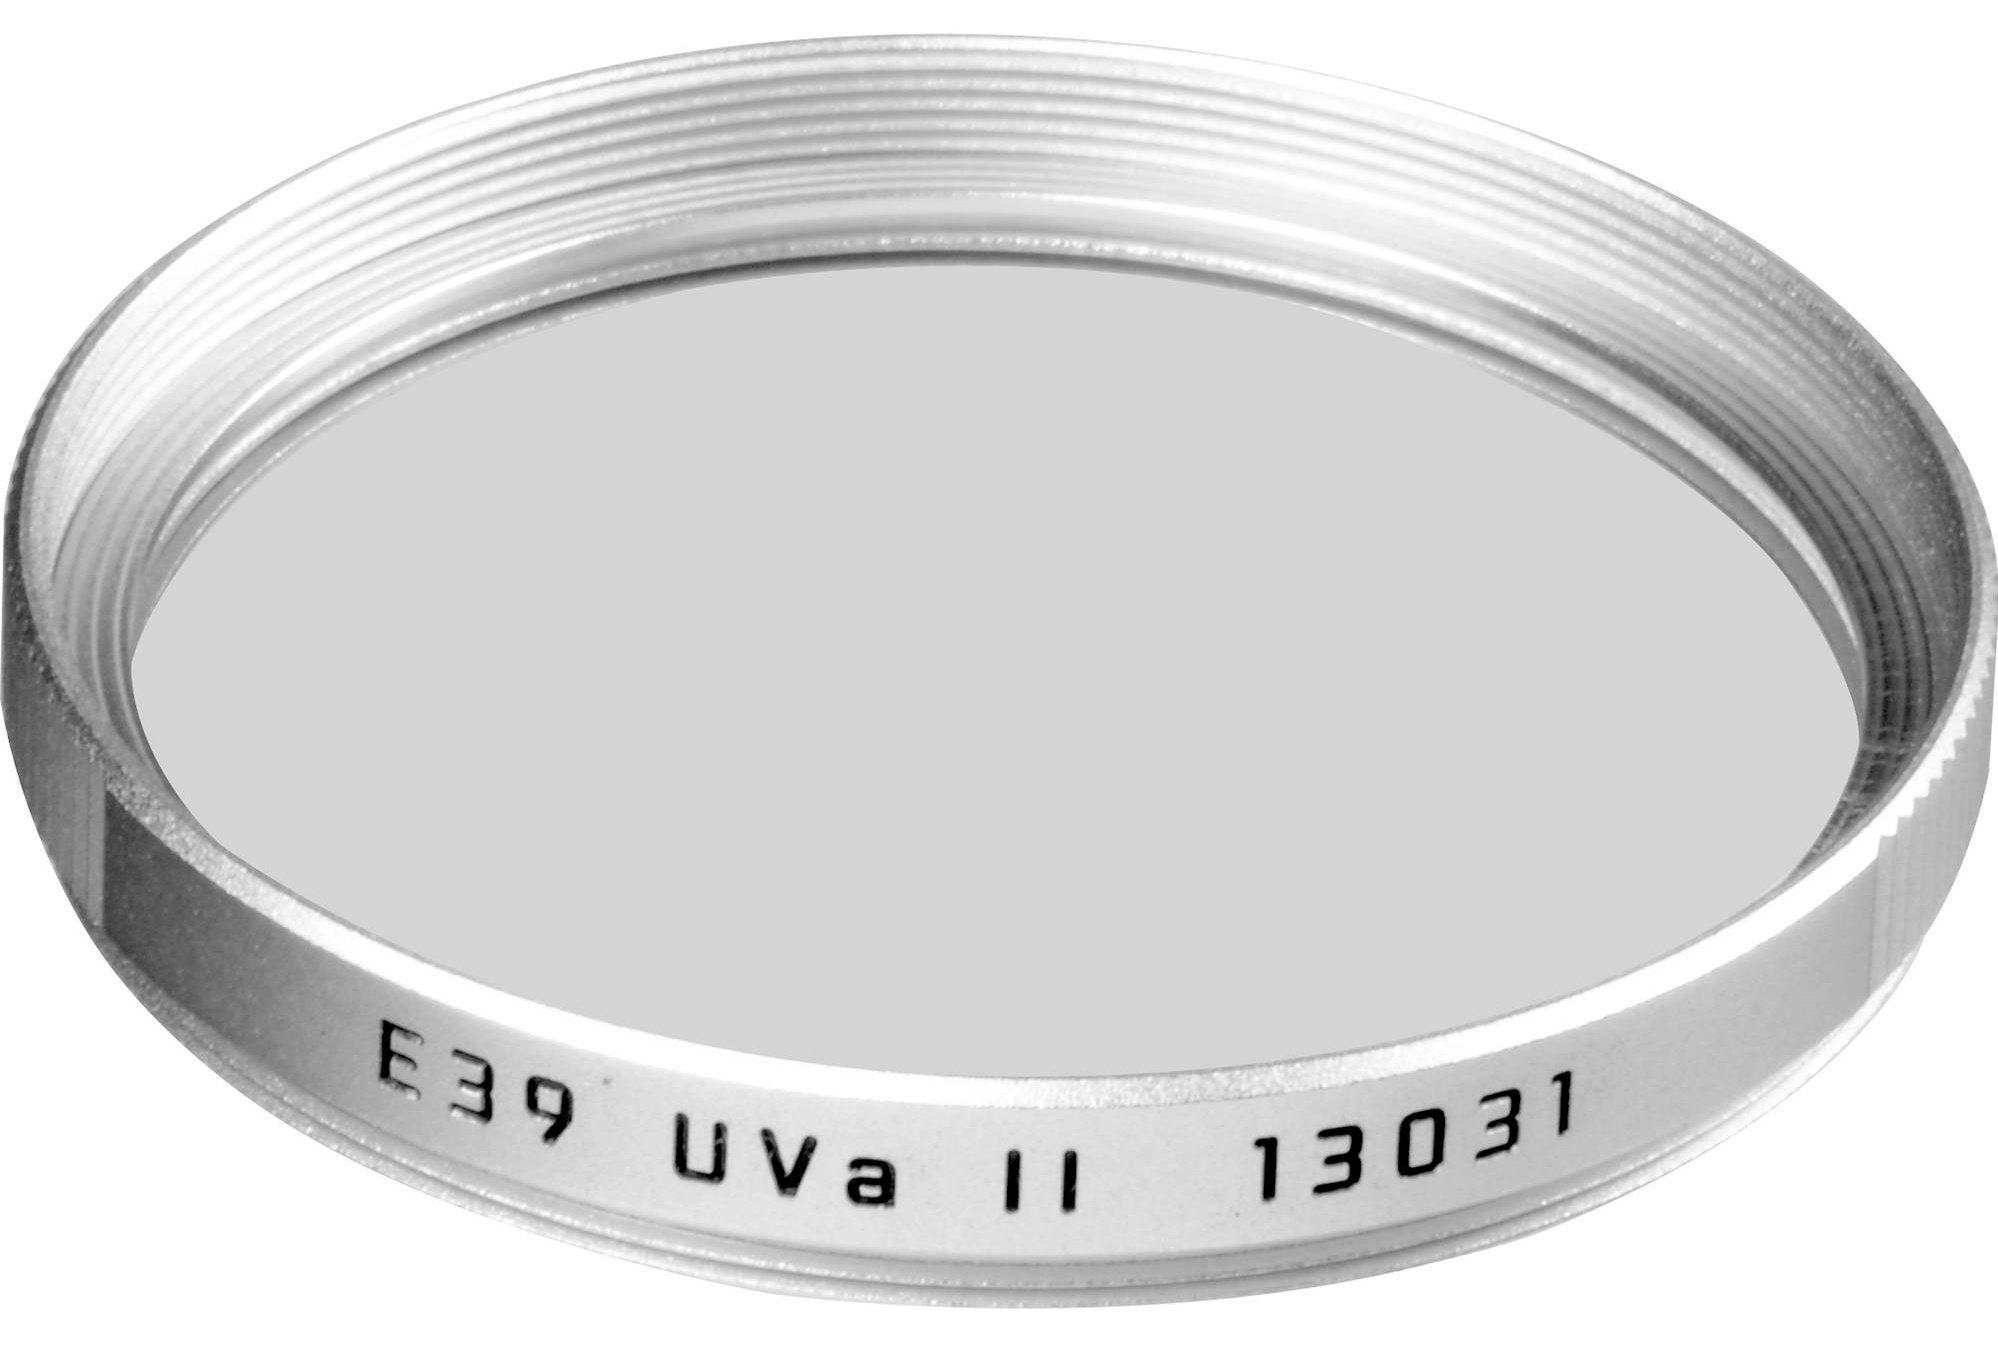 LEICA filtr UVa II 39 mm stříbrný